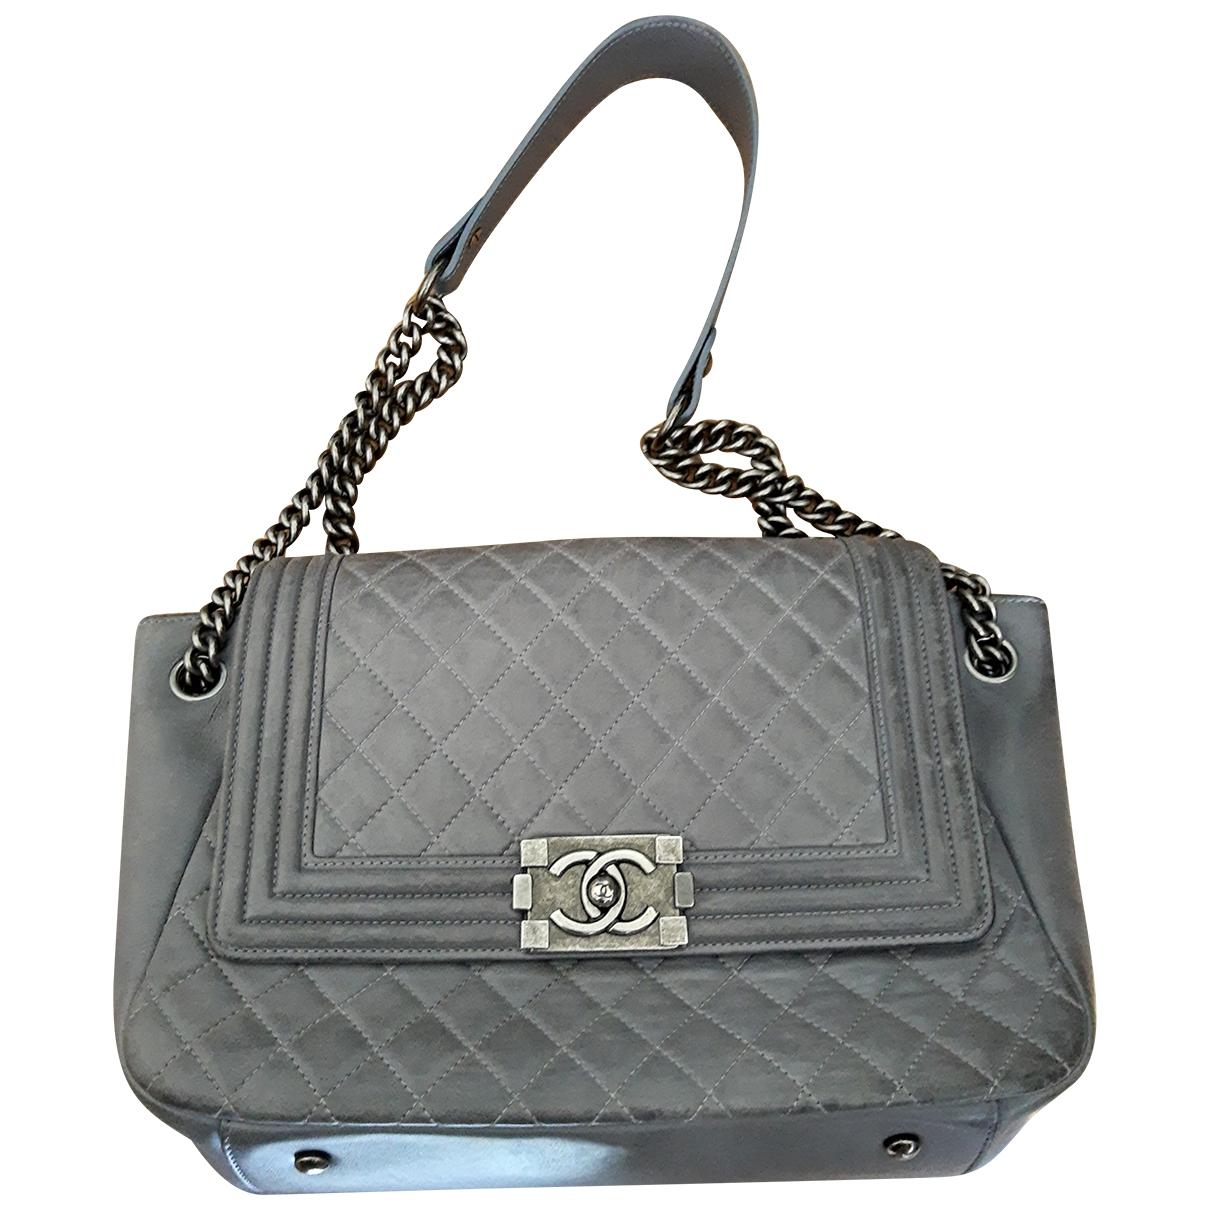 Chanel Boy Handtasche in  Anthrazit Leder